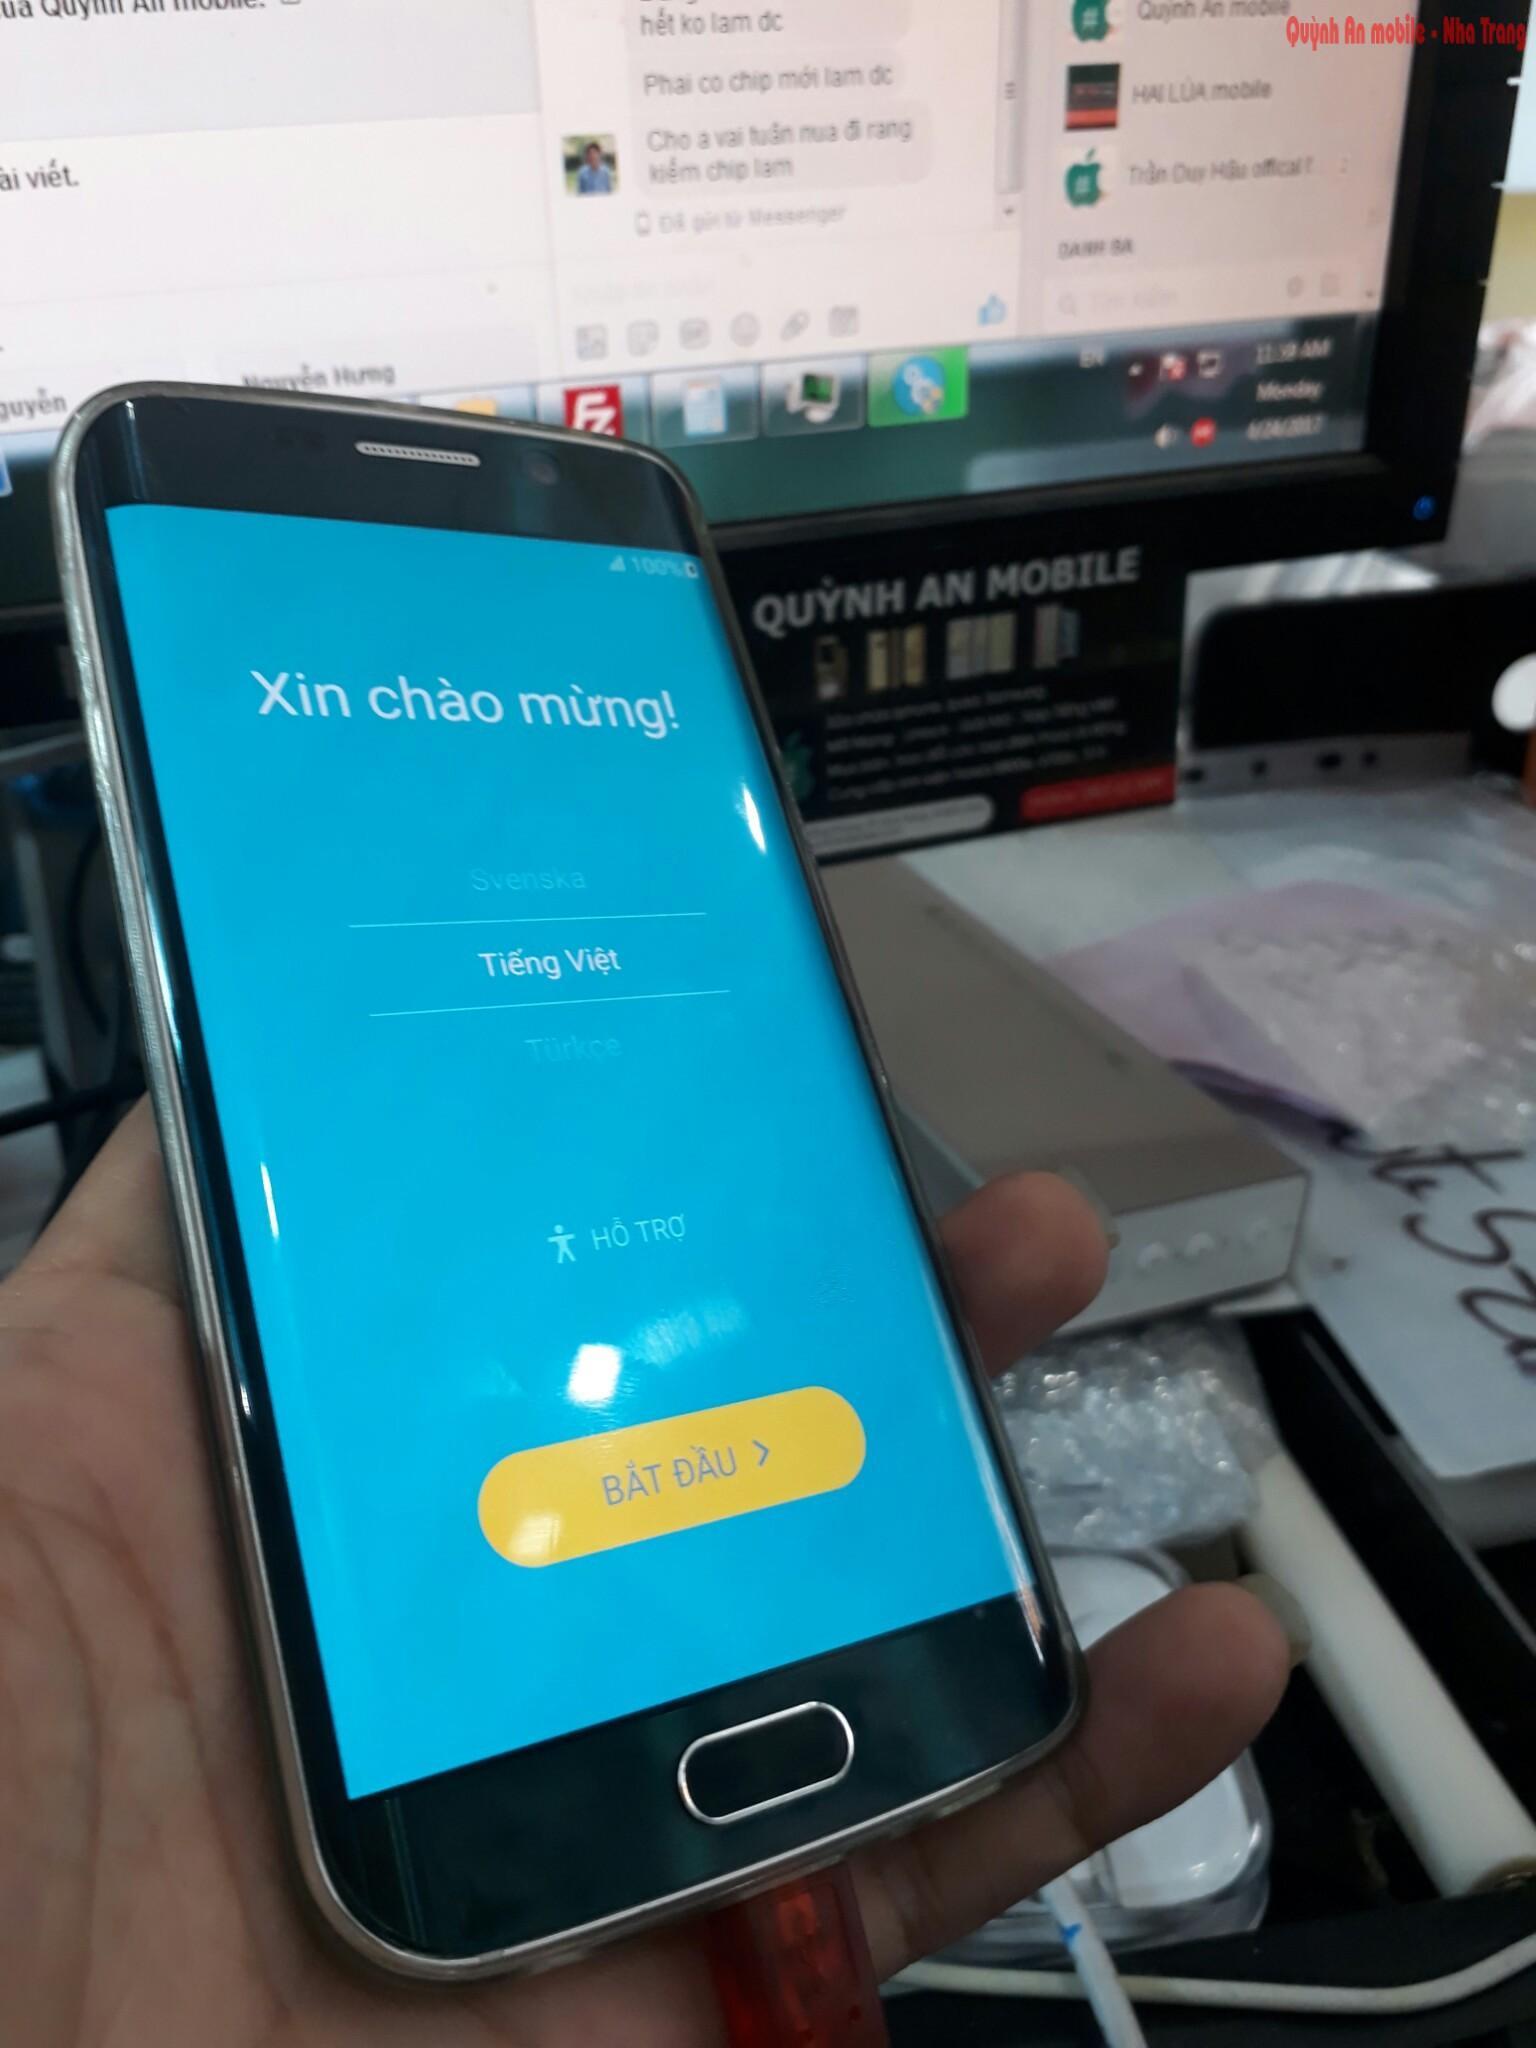 Máy Samsung galaxy S6 edge SC-04G xách tay về đang được nạp tiếng Việt bằng phần mềm chuyên dụng tại Quỳnh An Mobile 0907623999